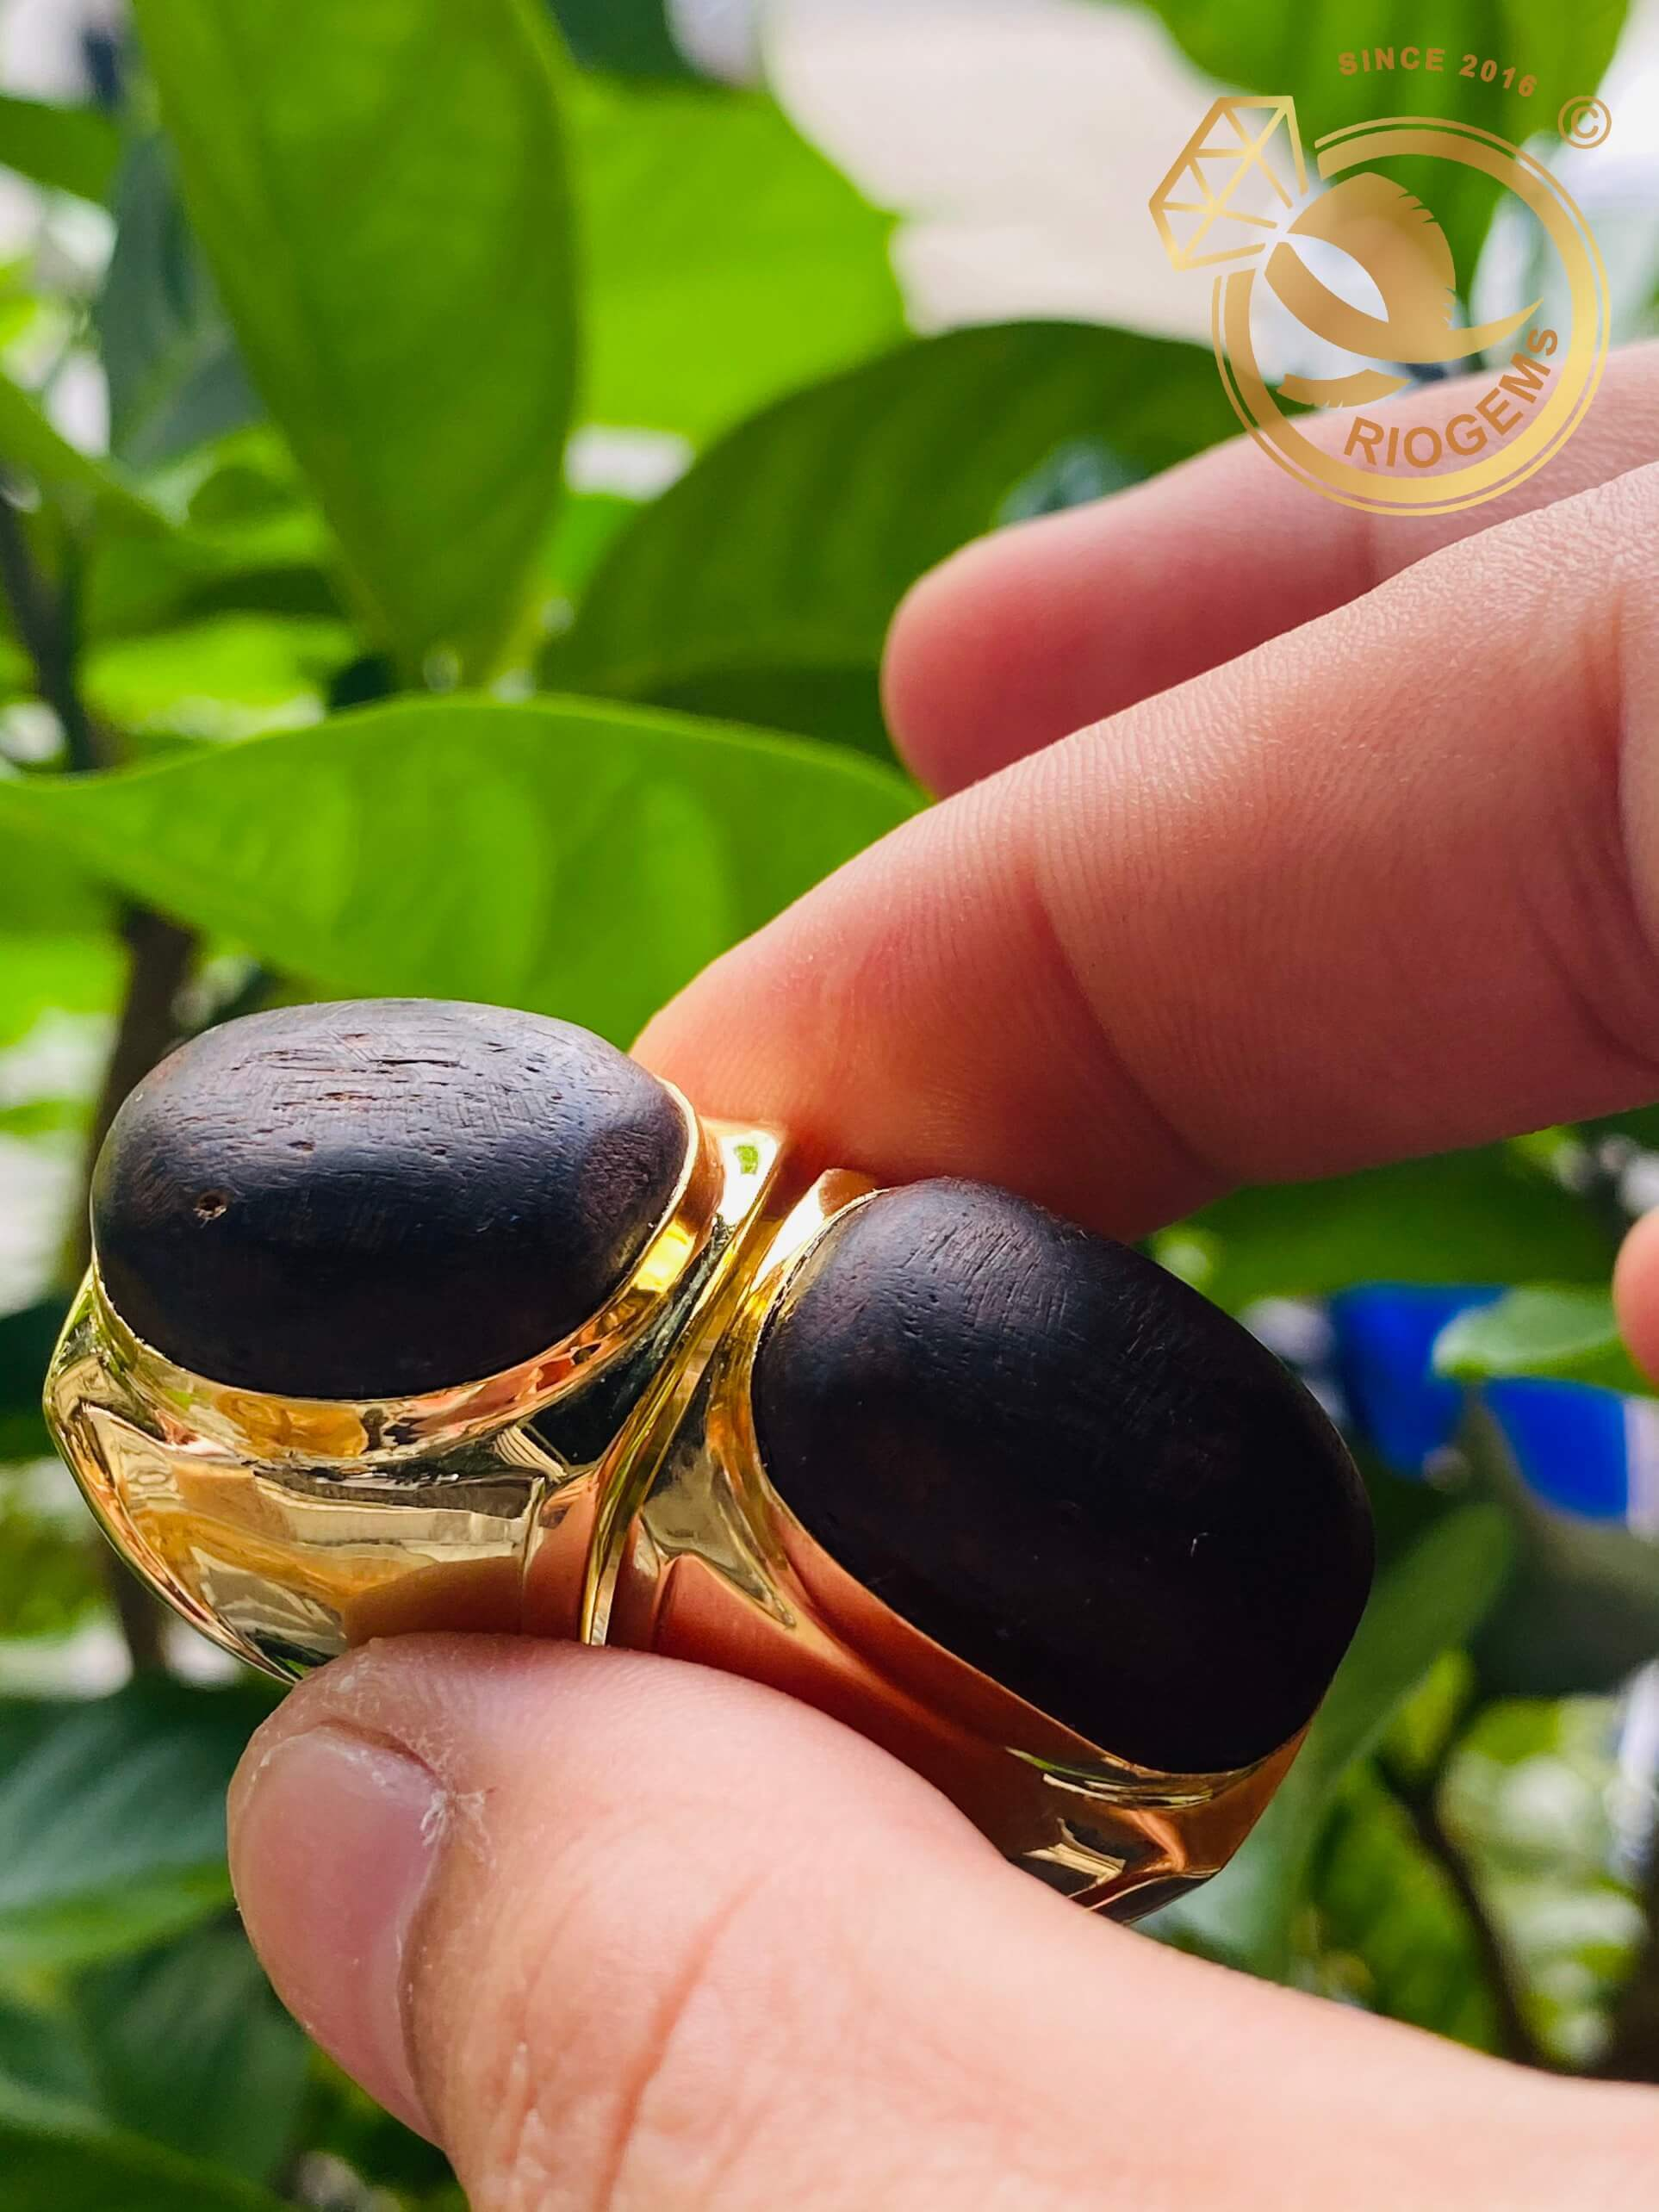 Nhẫn nam vàng 18k Riogems - Món quà V.I.P dành cho phái mạnh